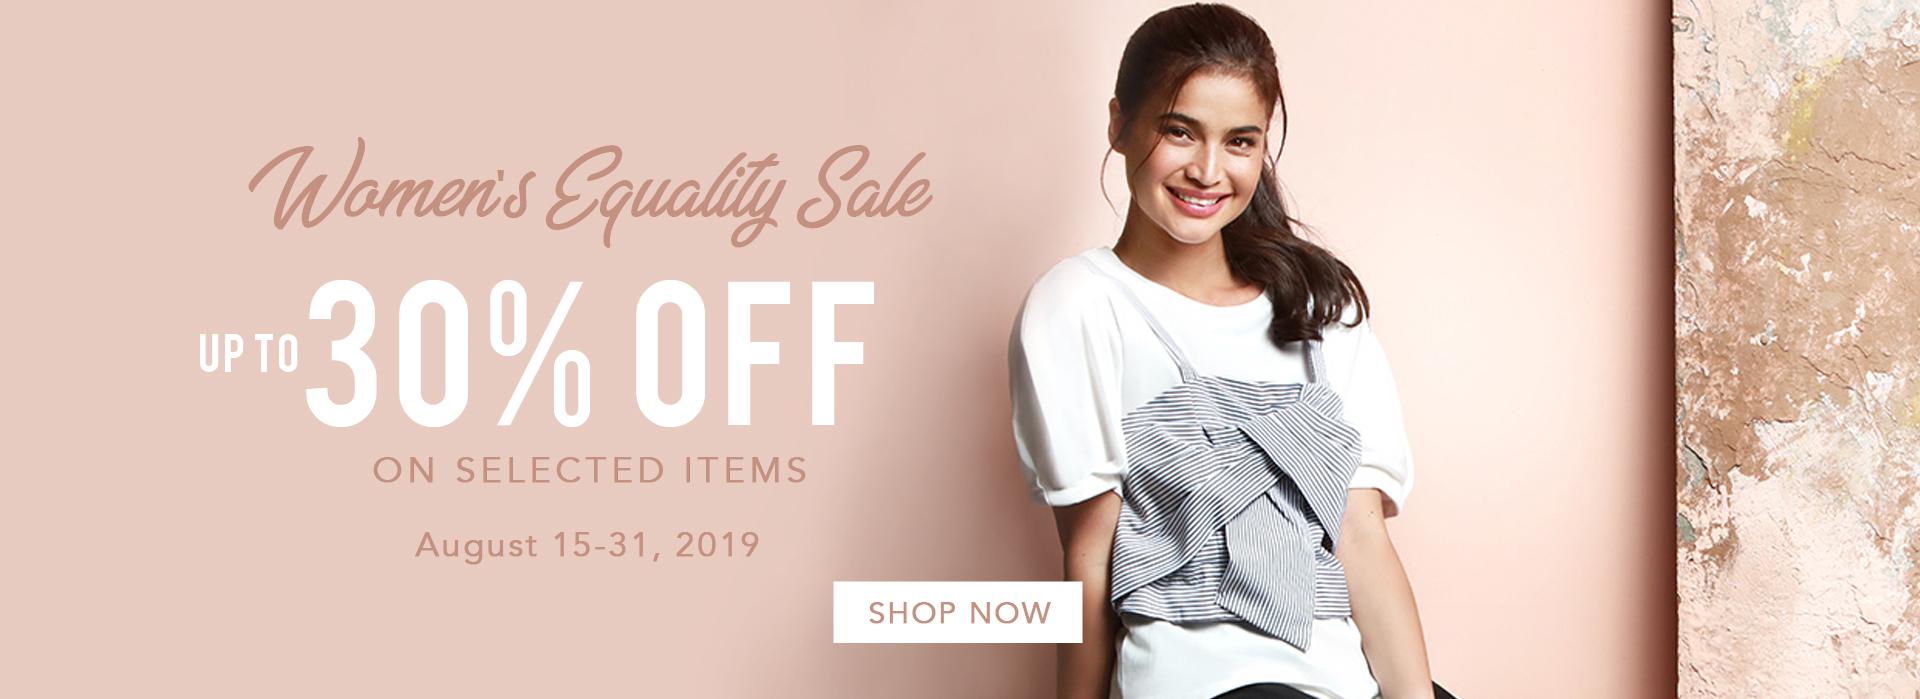 Cloud---Womens-Equality-Sale